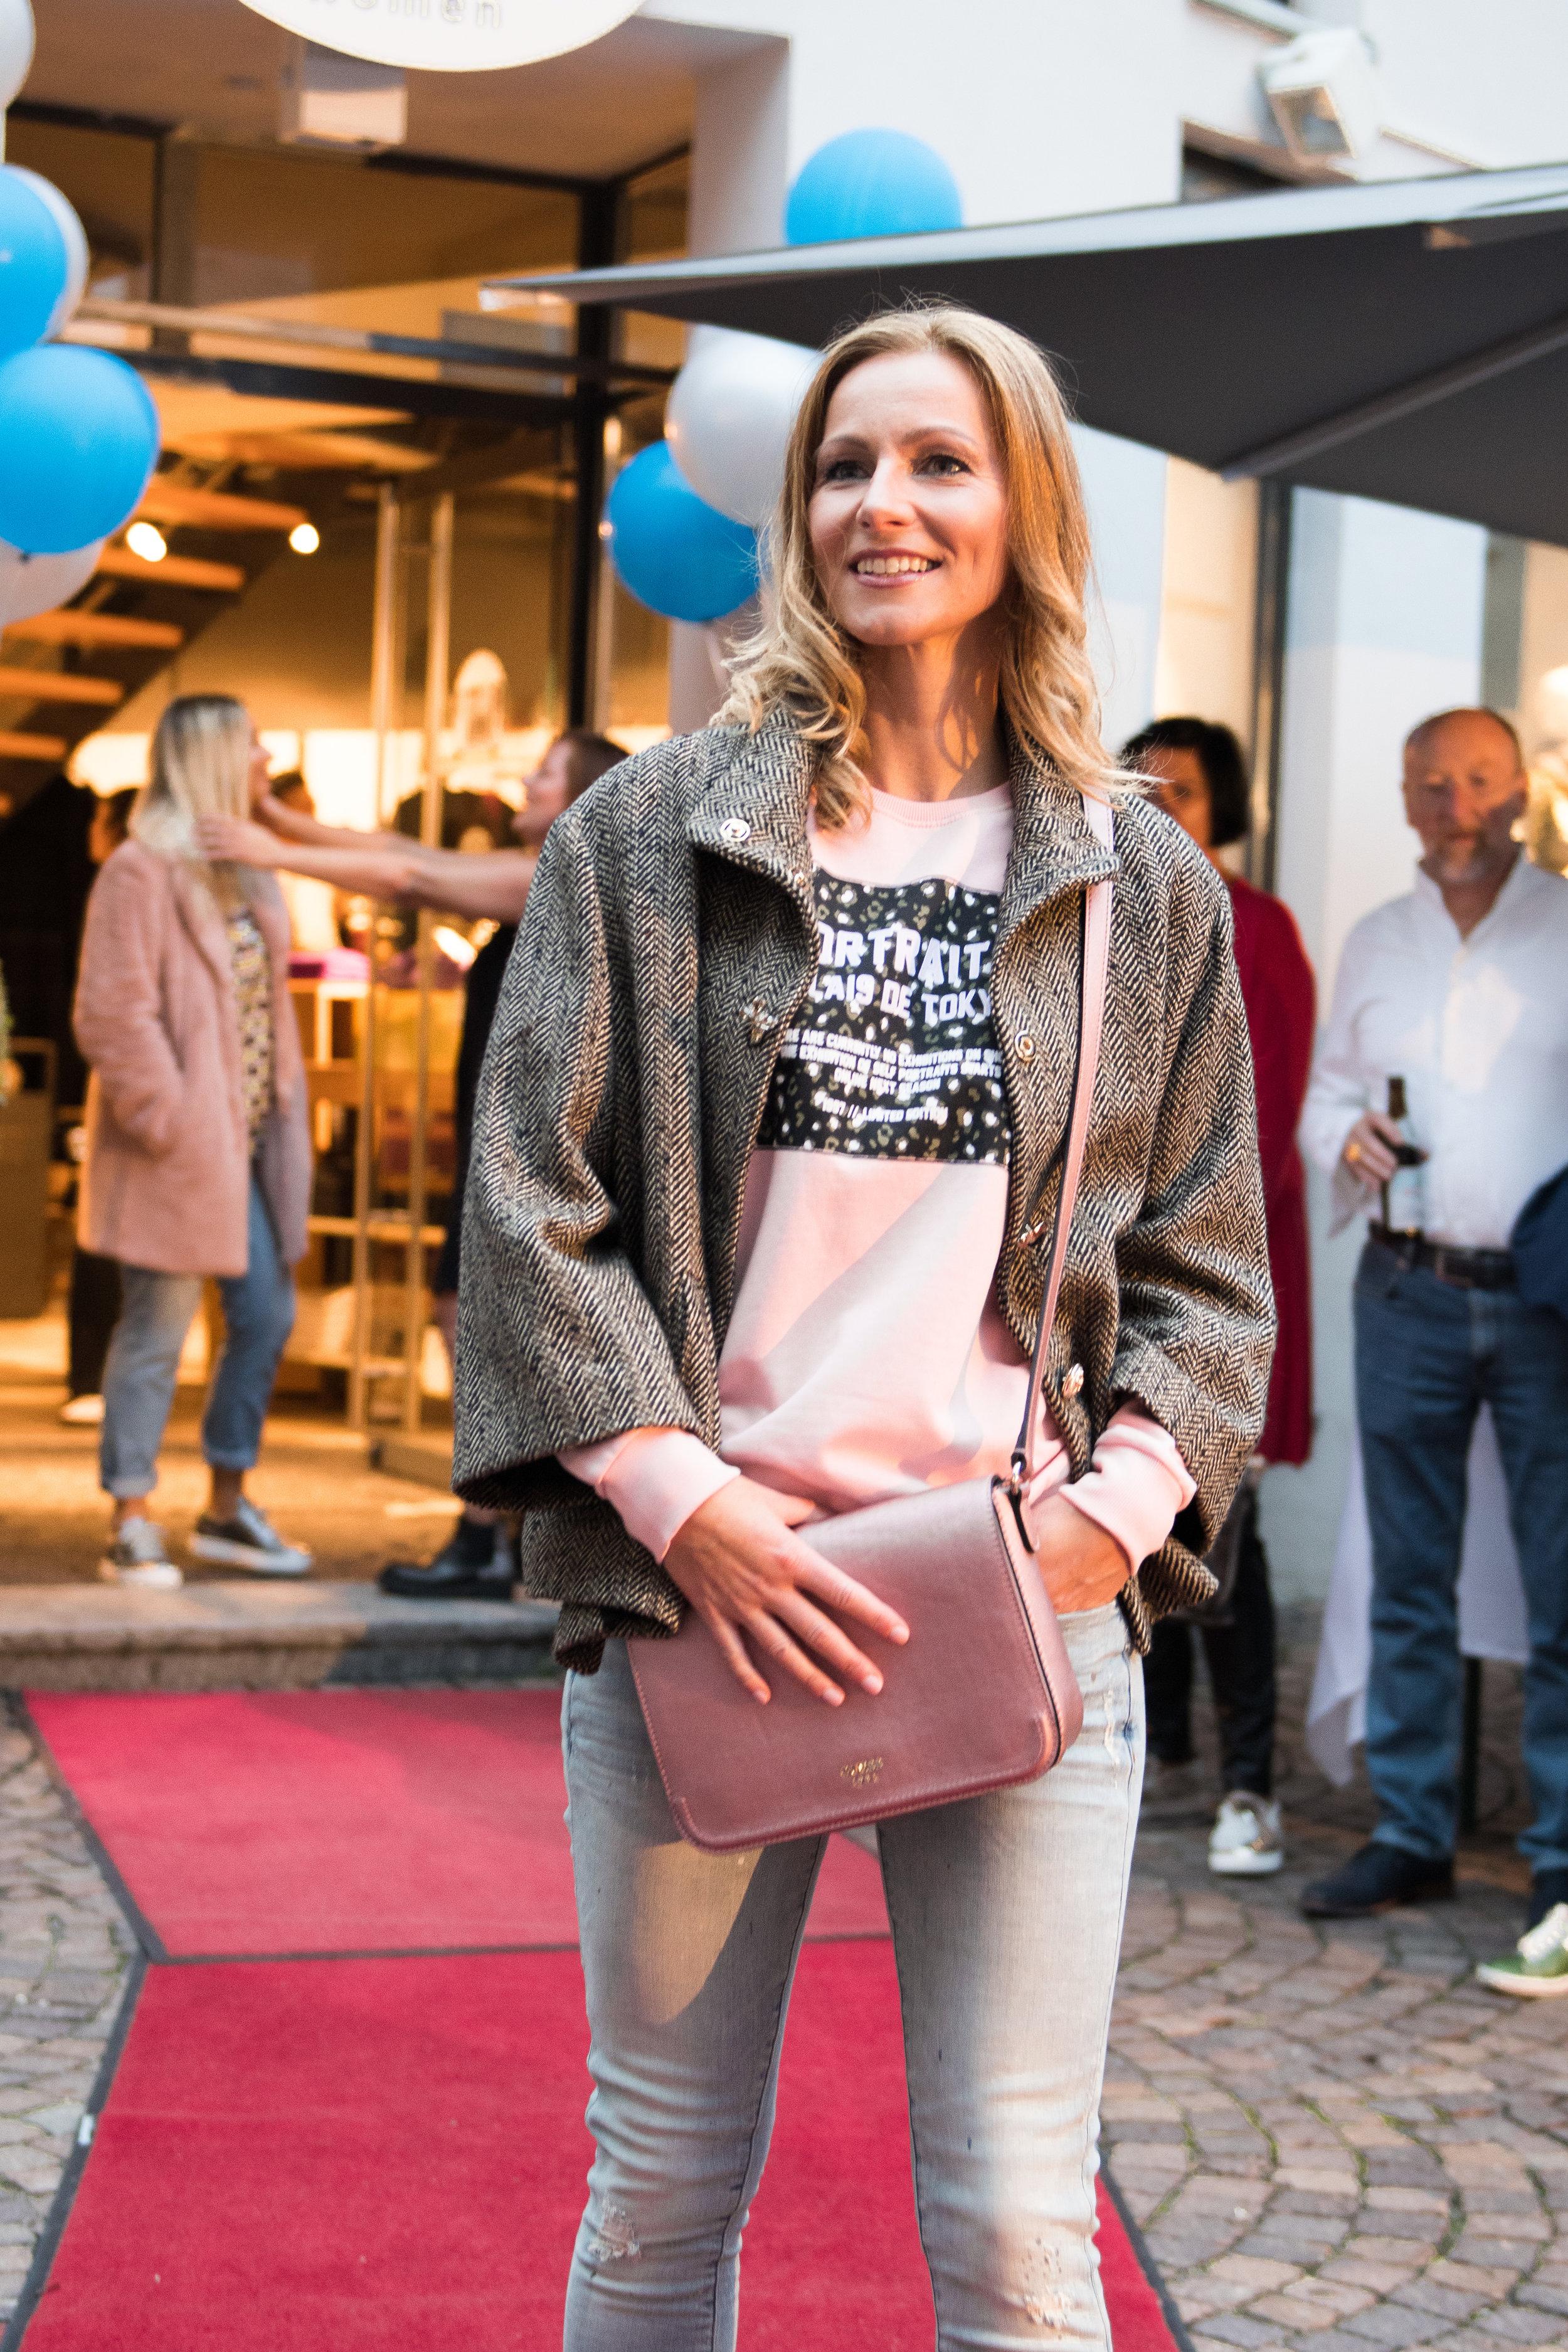 Fashionshowbackstage_53.jpg